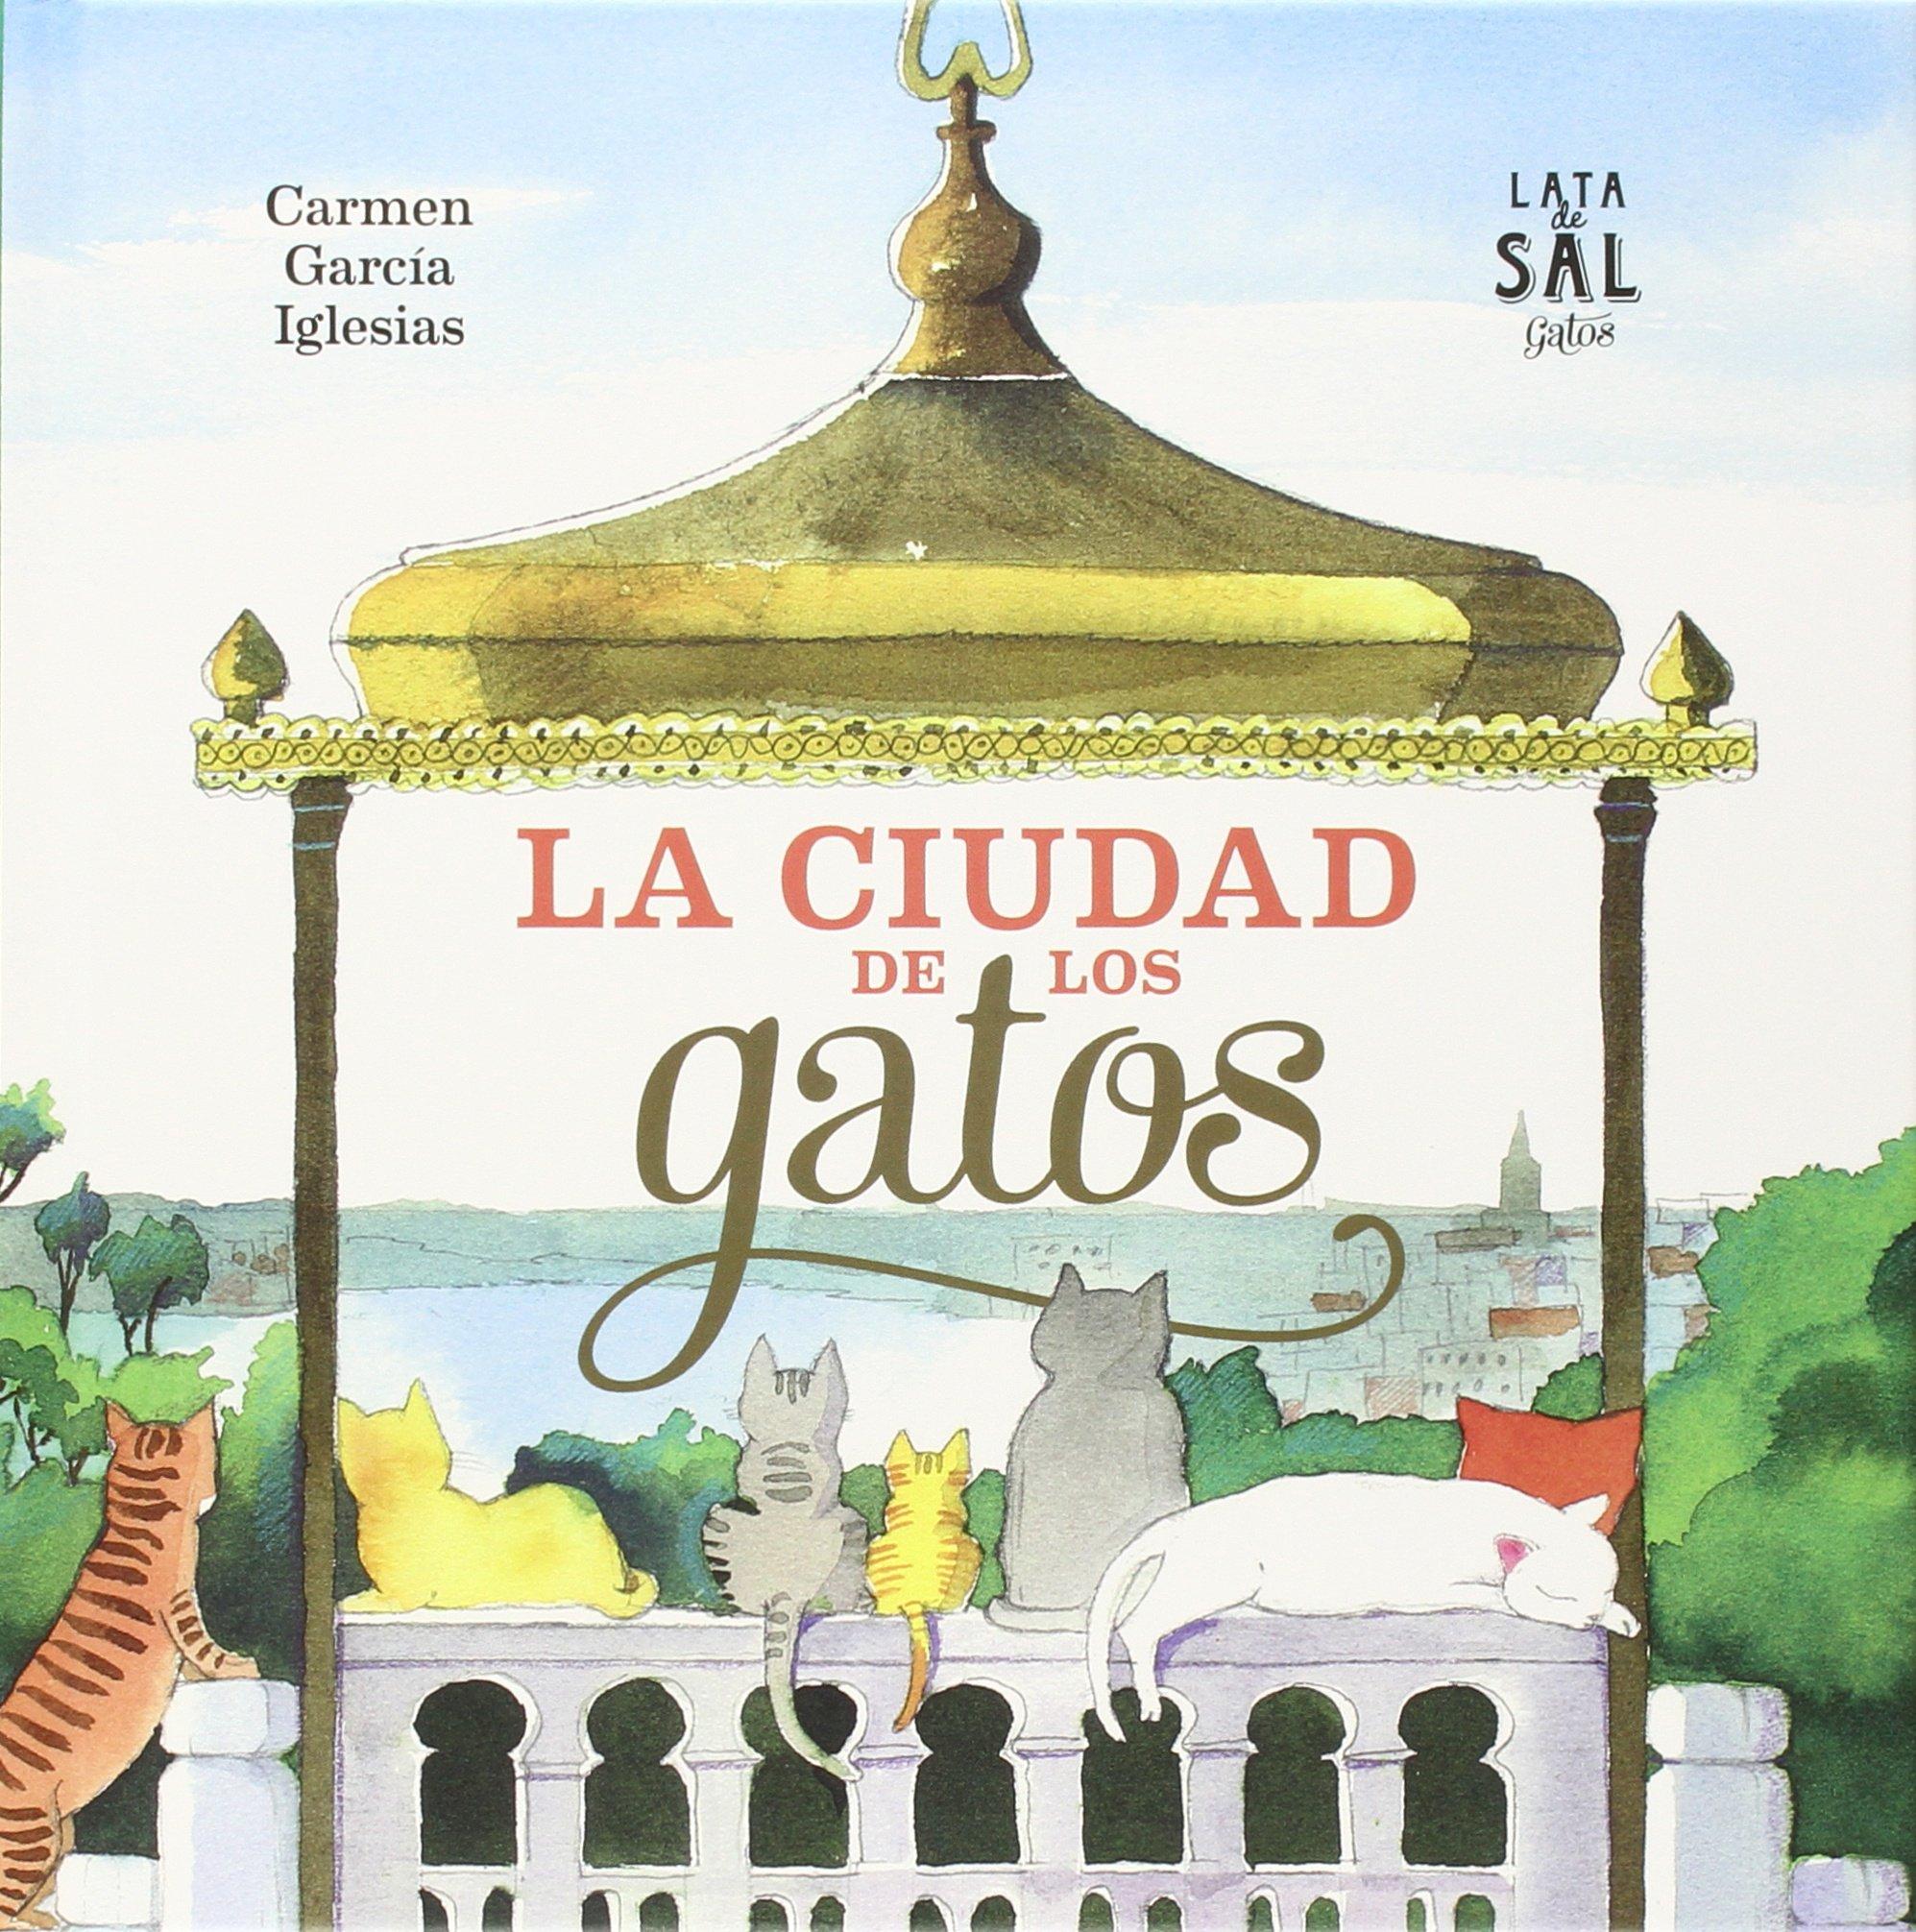 La ciudad de los gatos (Spanish Edition) (Spanish) Hardcover – August 28, 2015